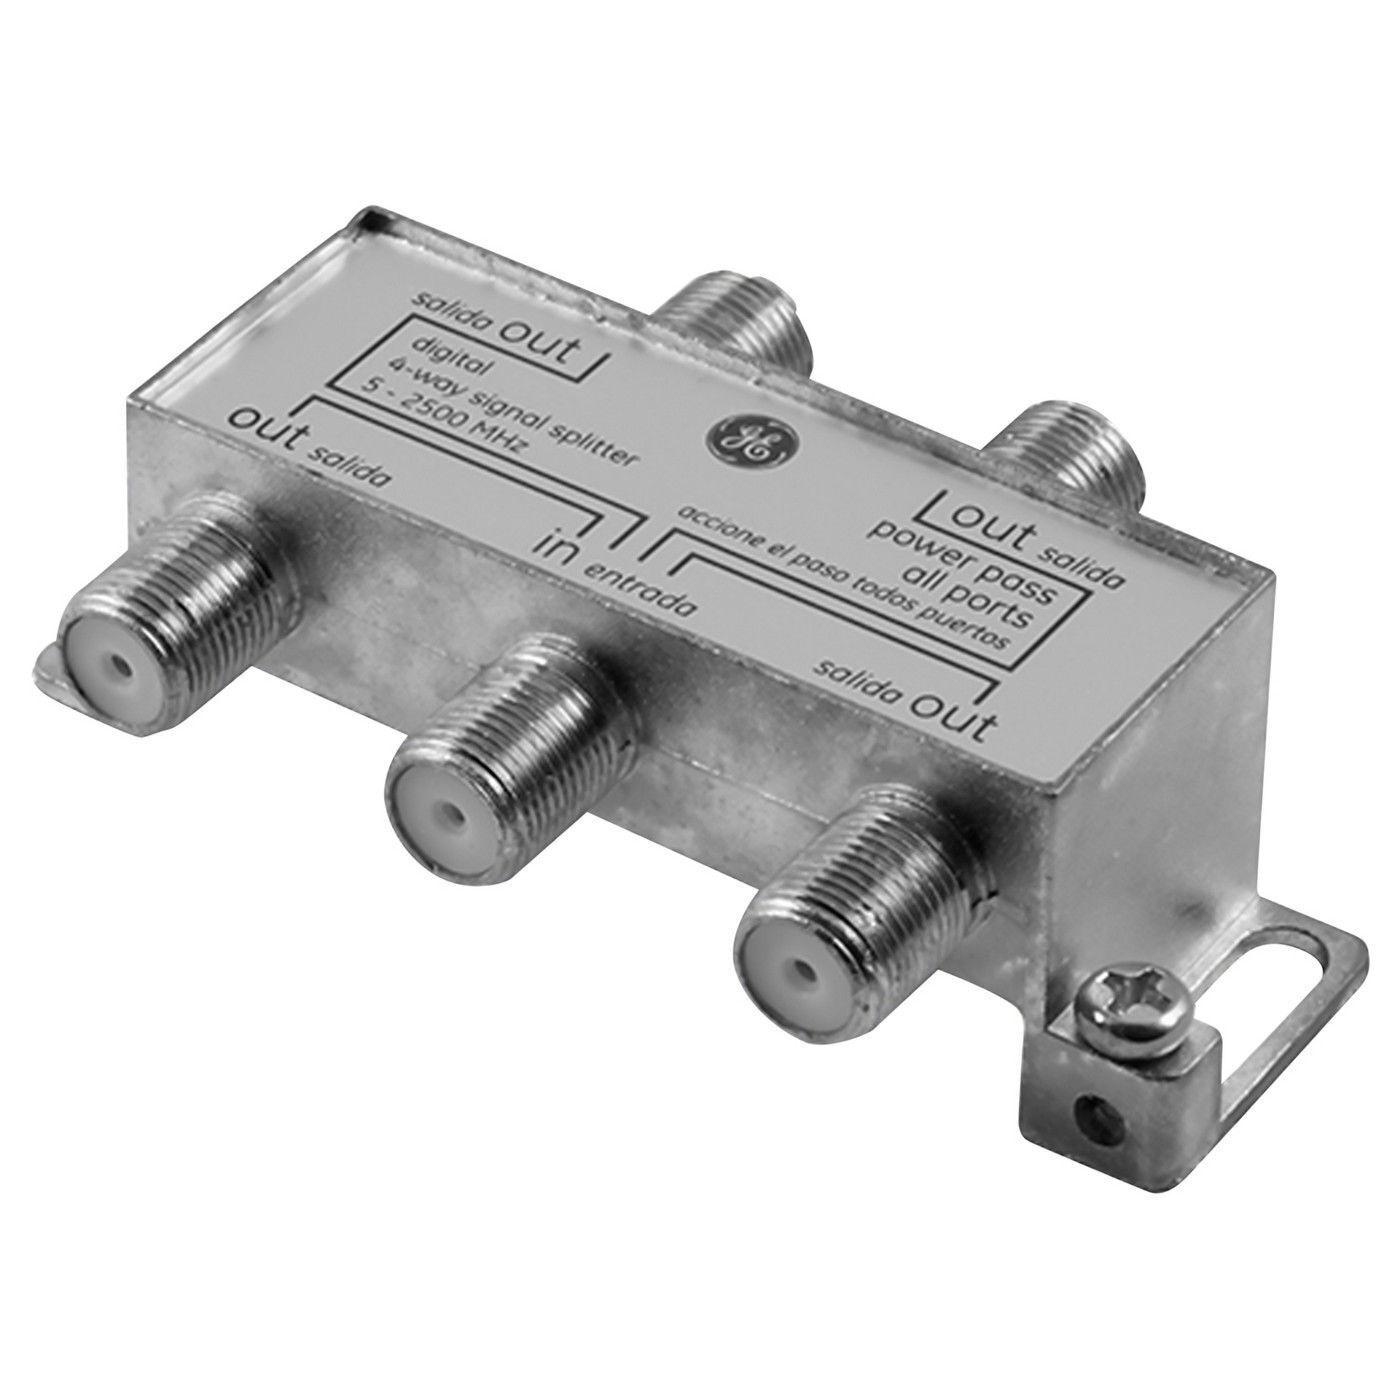 GE 4 Way Digital Coax Splitter, 2500MHz - Nickel